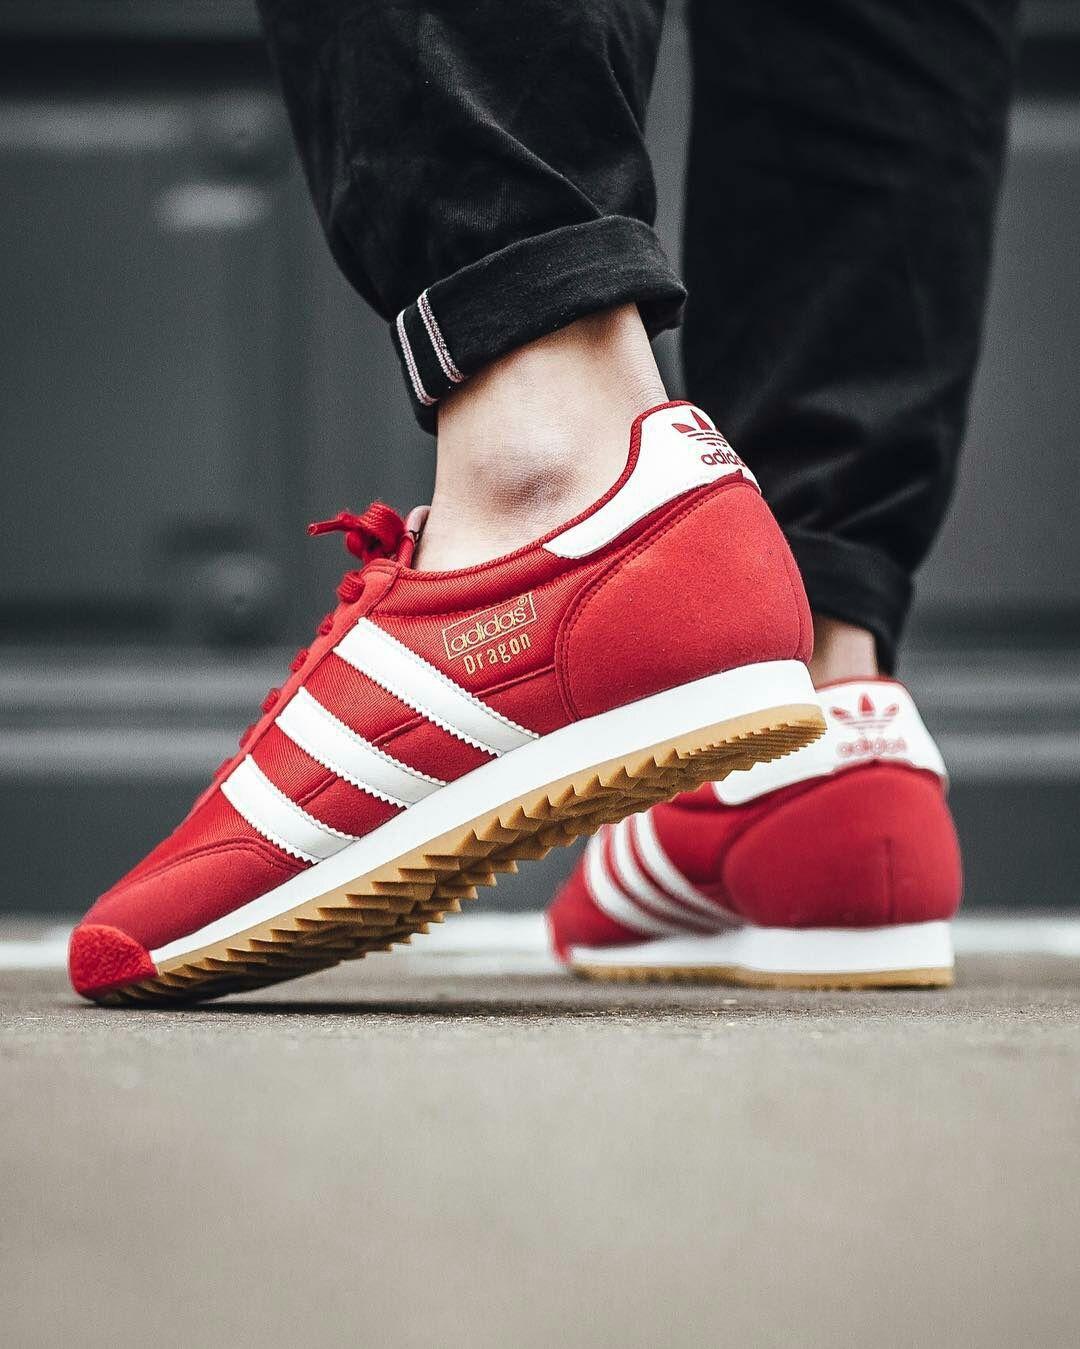 5d8c708afafb2 Adidas Dragon  Red Footwear White Gum3